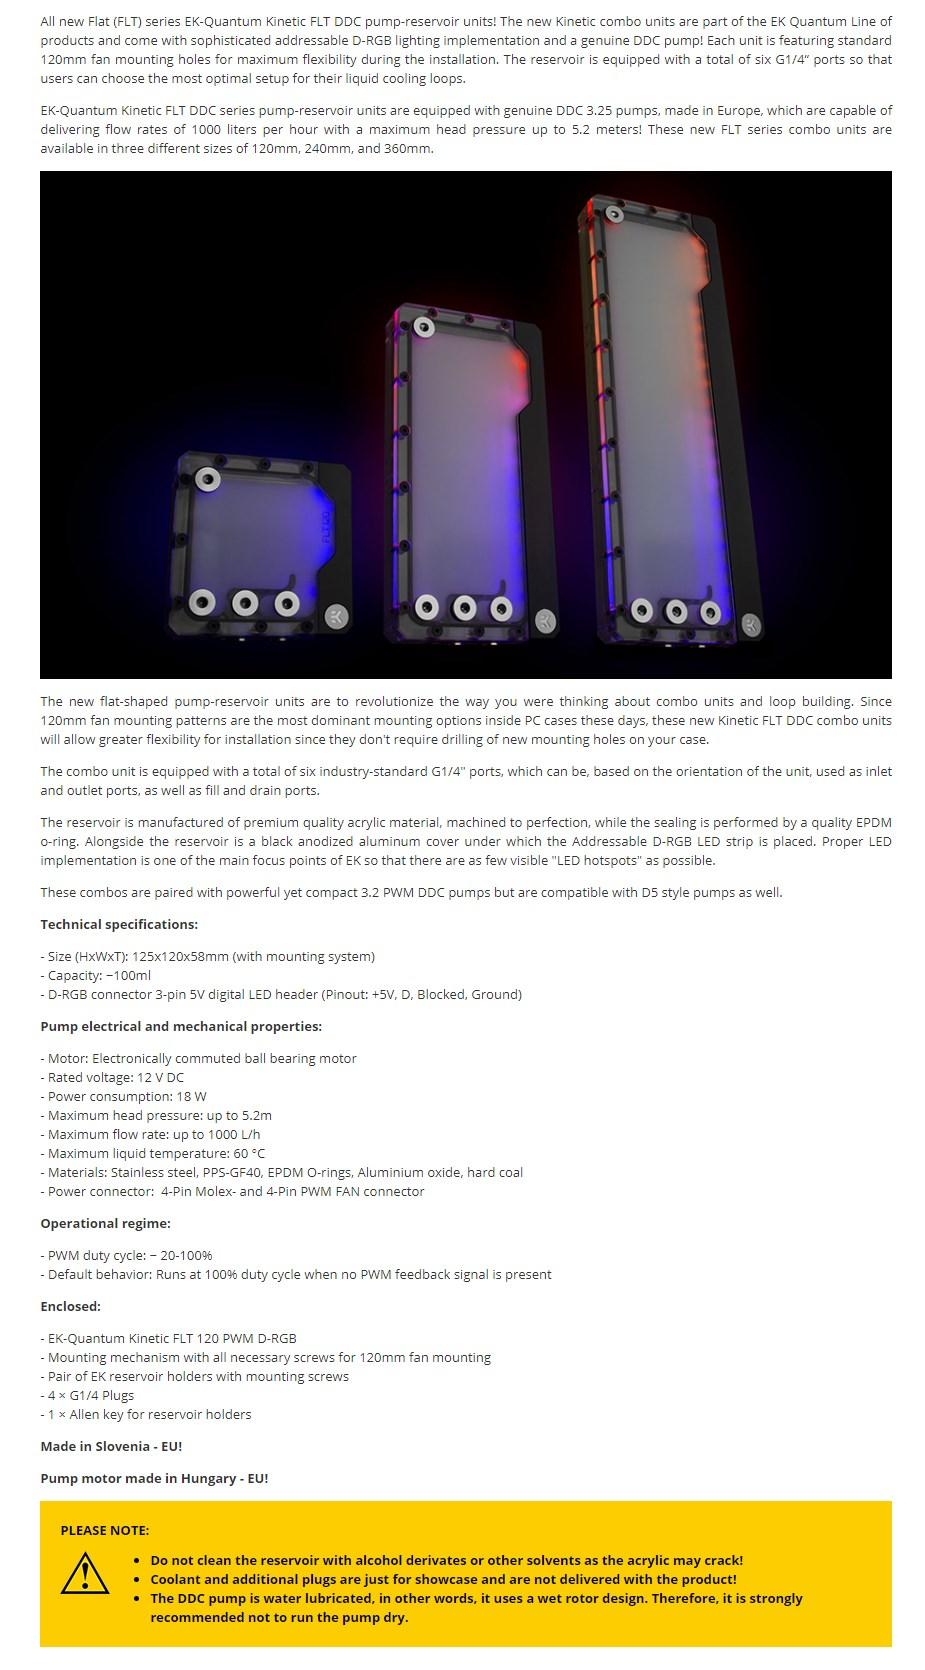 EKWB EK-Quantum Kinetic FLT 120 DDC PWM D-RGB Plexi Reservoir Pump Combo - Overview 1